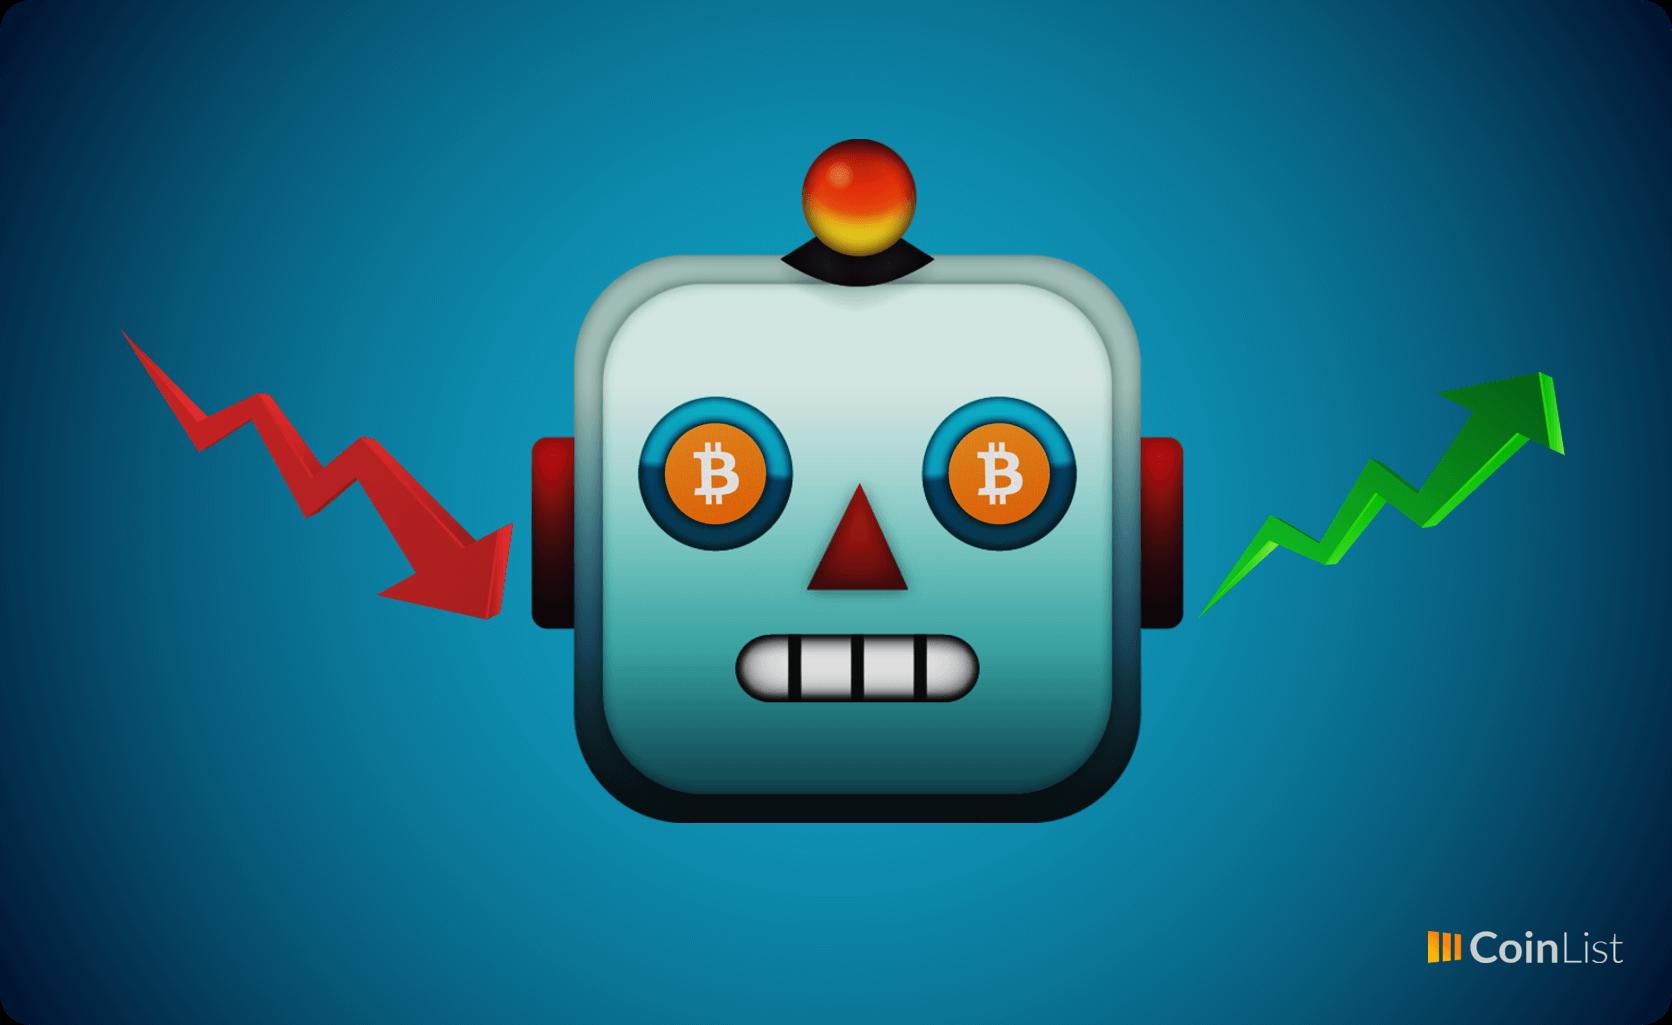 Circuitul Bitcoin este sigur?   🥇 Asigurați-vă că citiți înainte de a investi